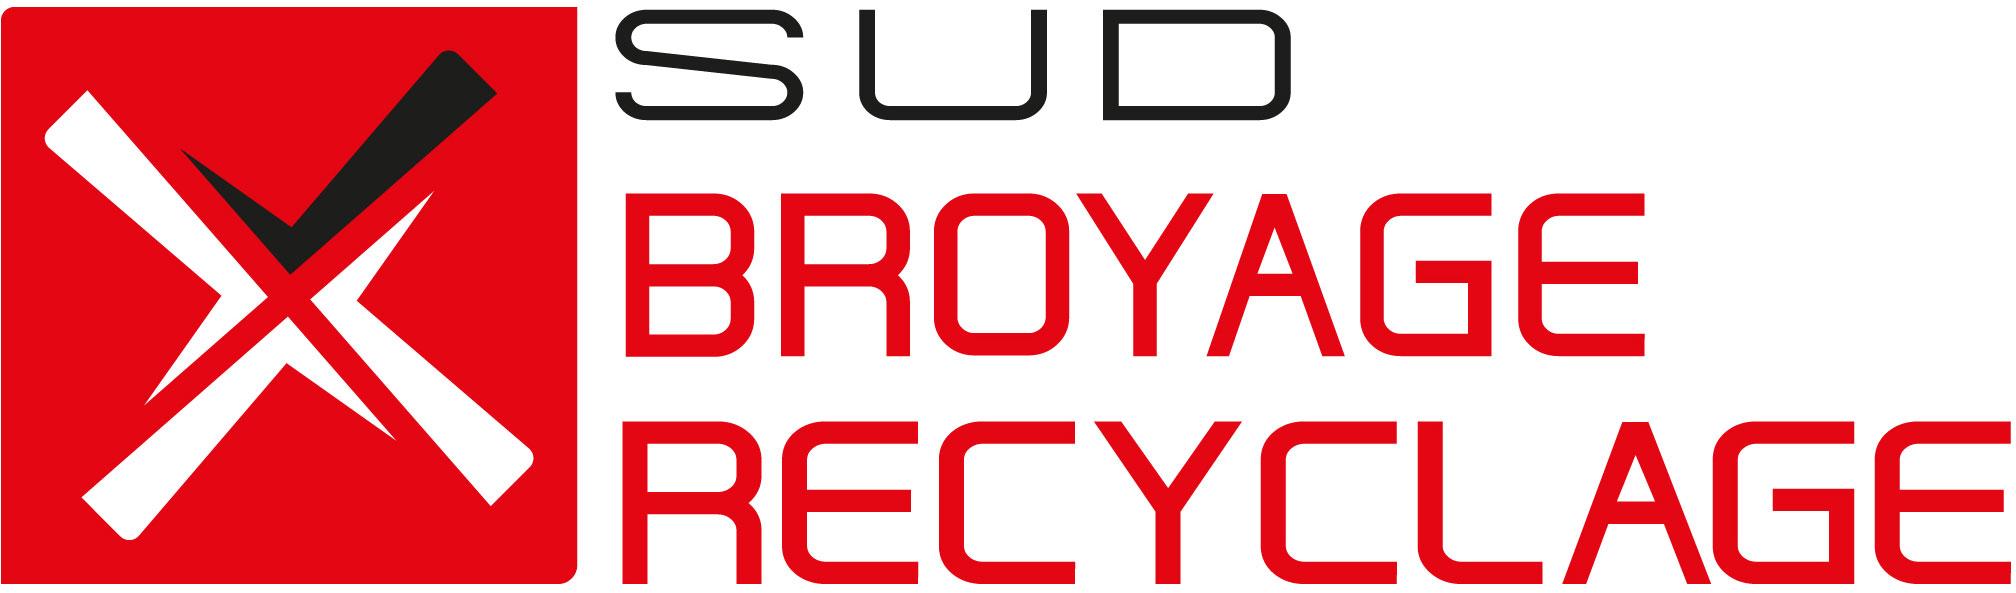 Logo Sud Broyage Recyclage pour la valorisation et le traitement des déchets verts